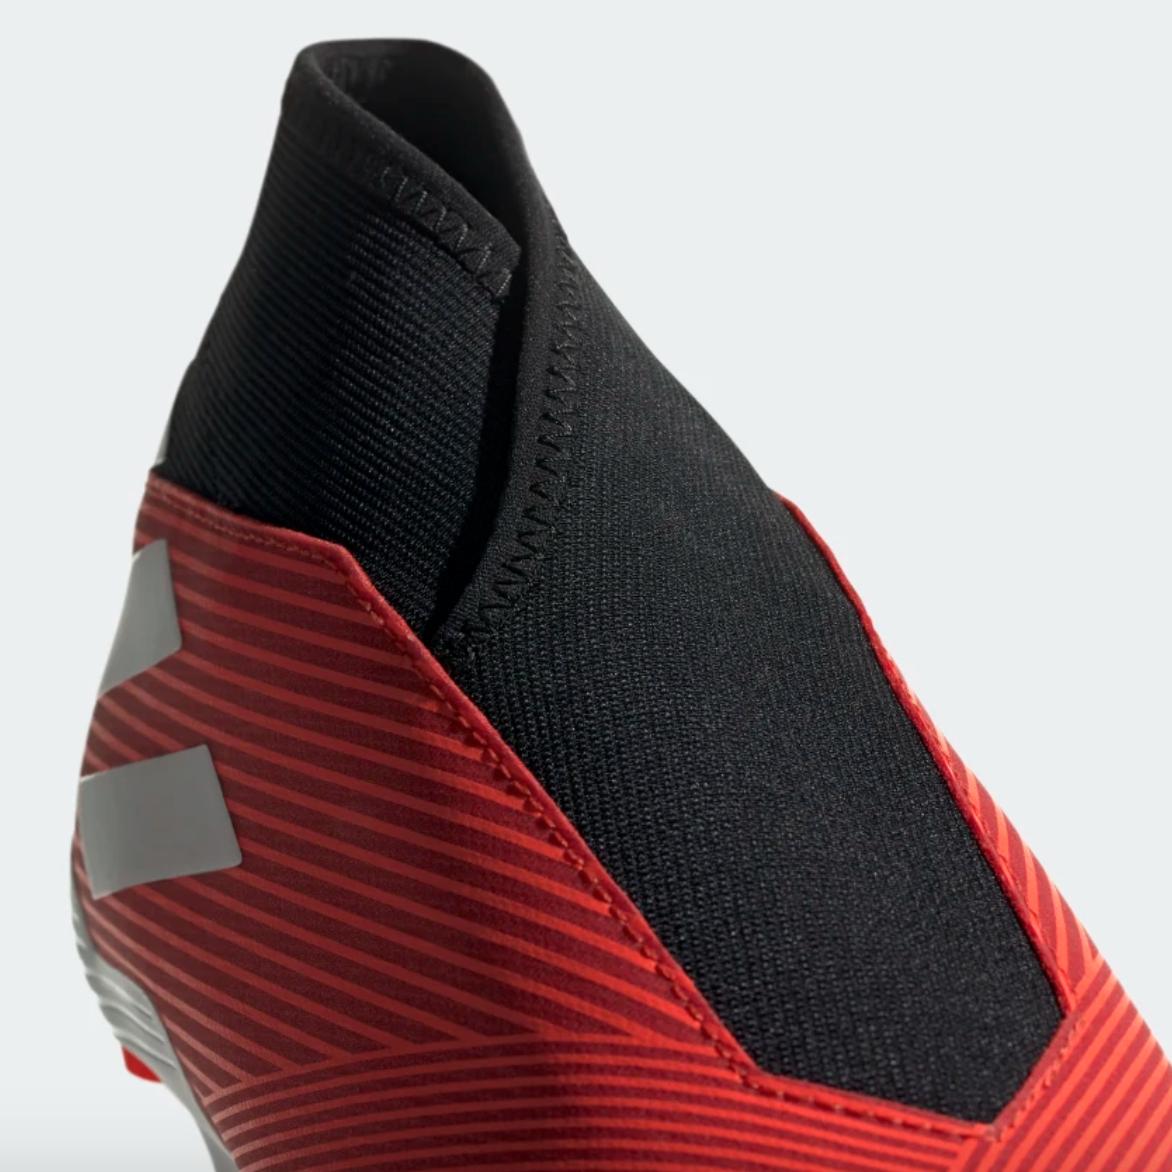 adidas-nemeziz-19.3-sans-lacet-8